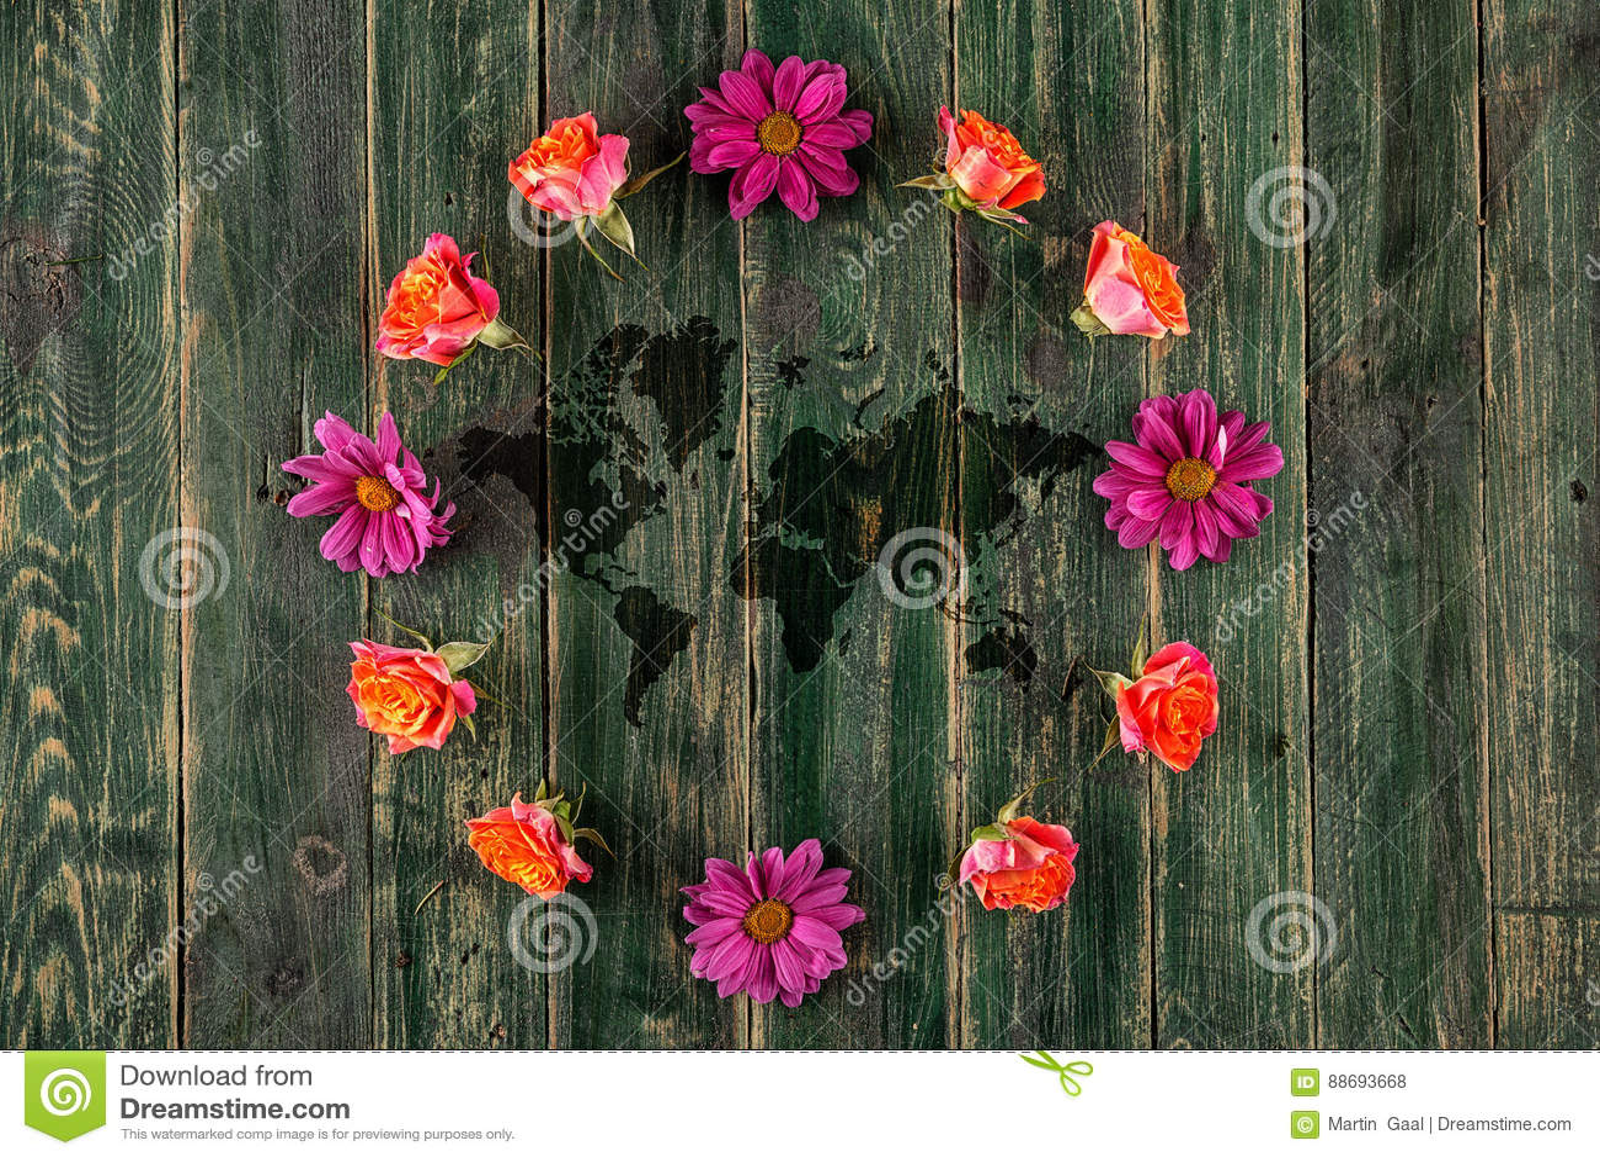 concept avec la terre et les fleurs colorées autour, la terre de